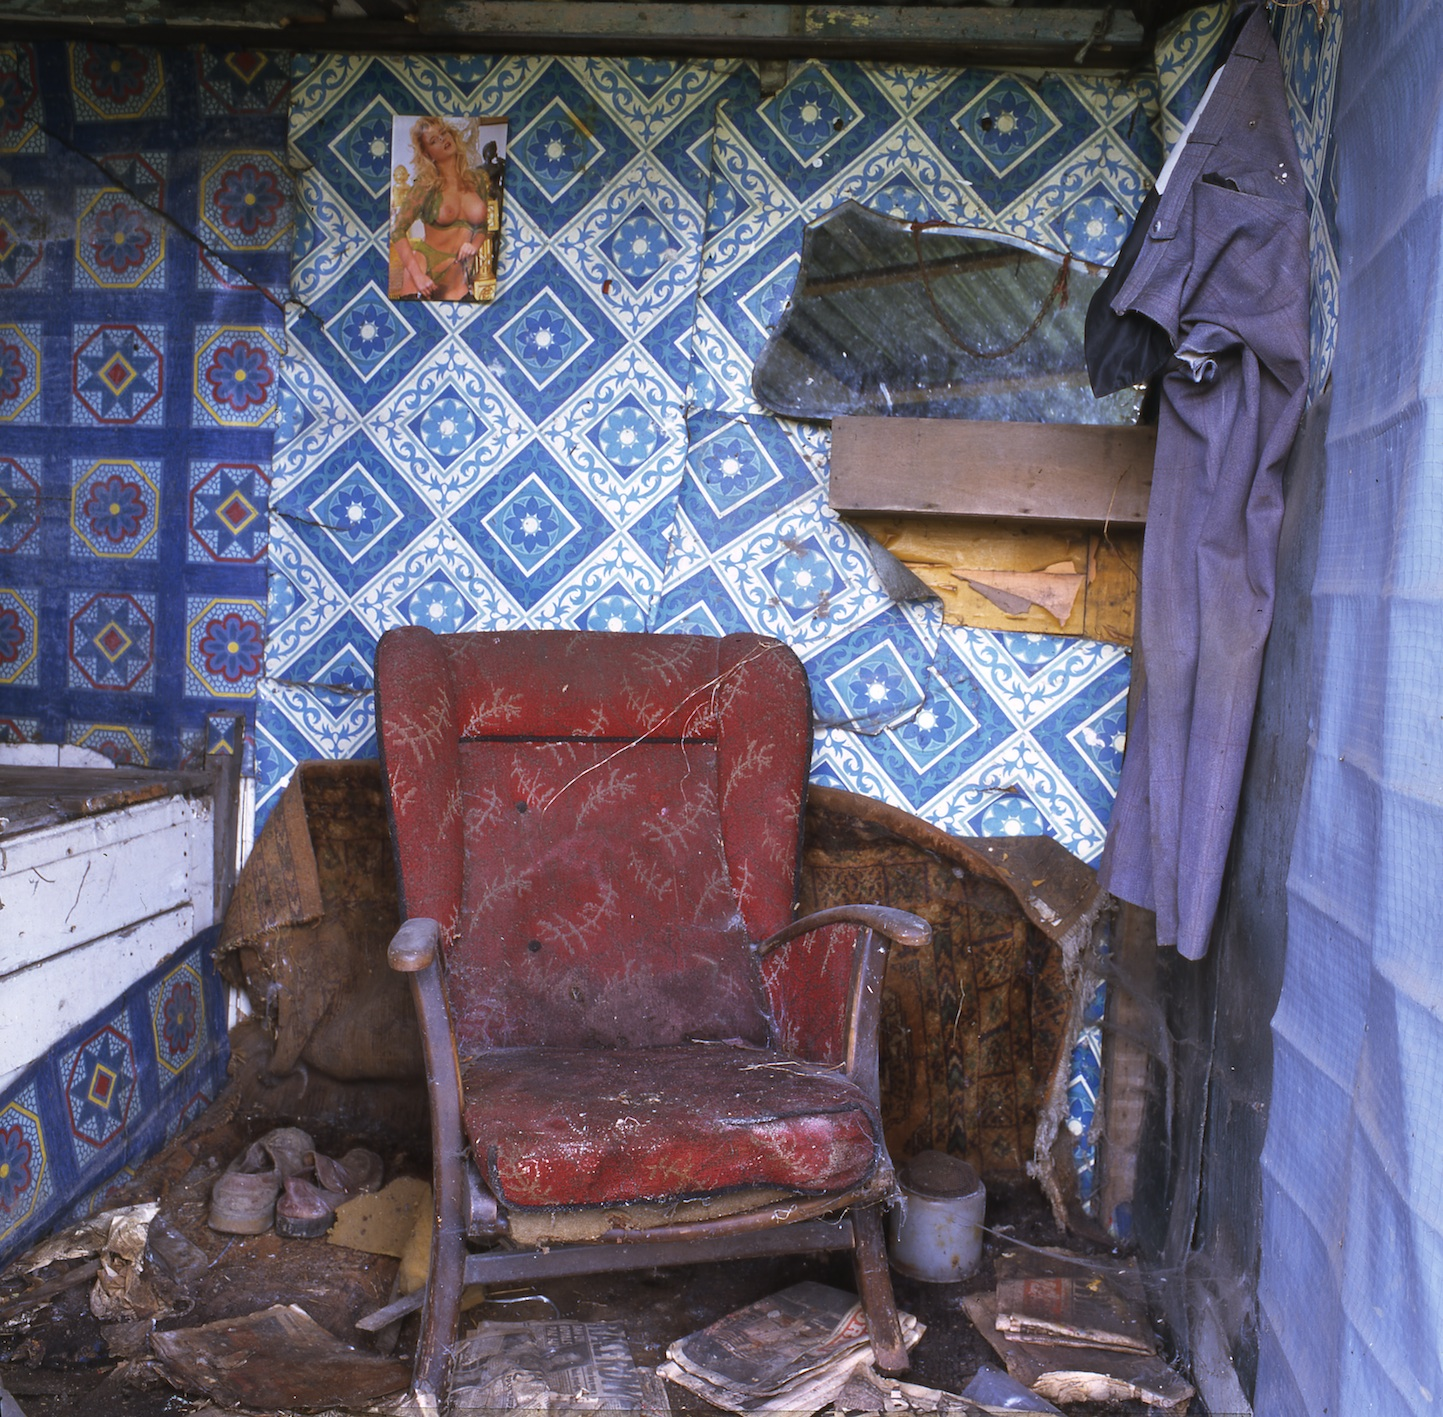 Max Jourdan-red chair in blue room copy.jpg